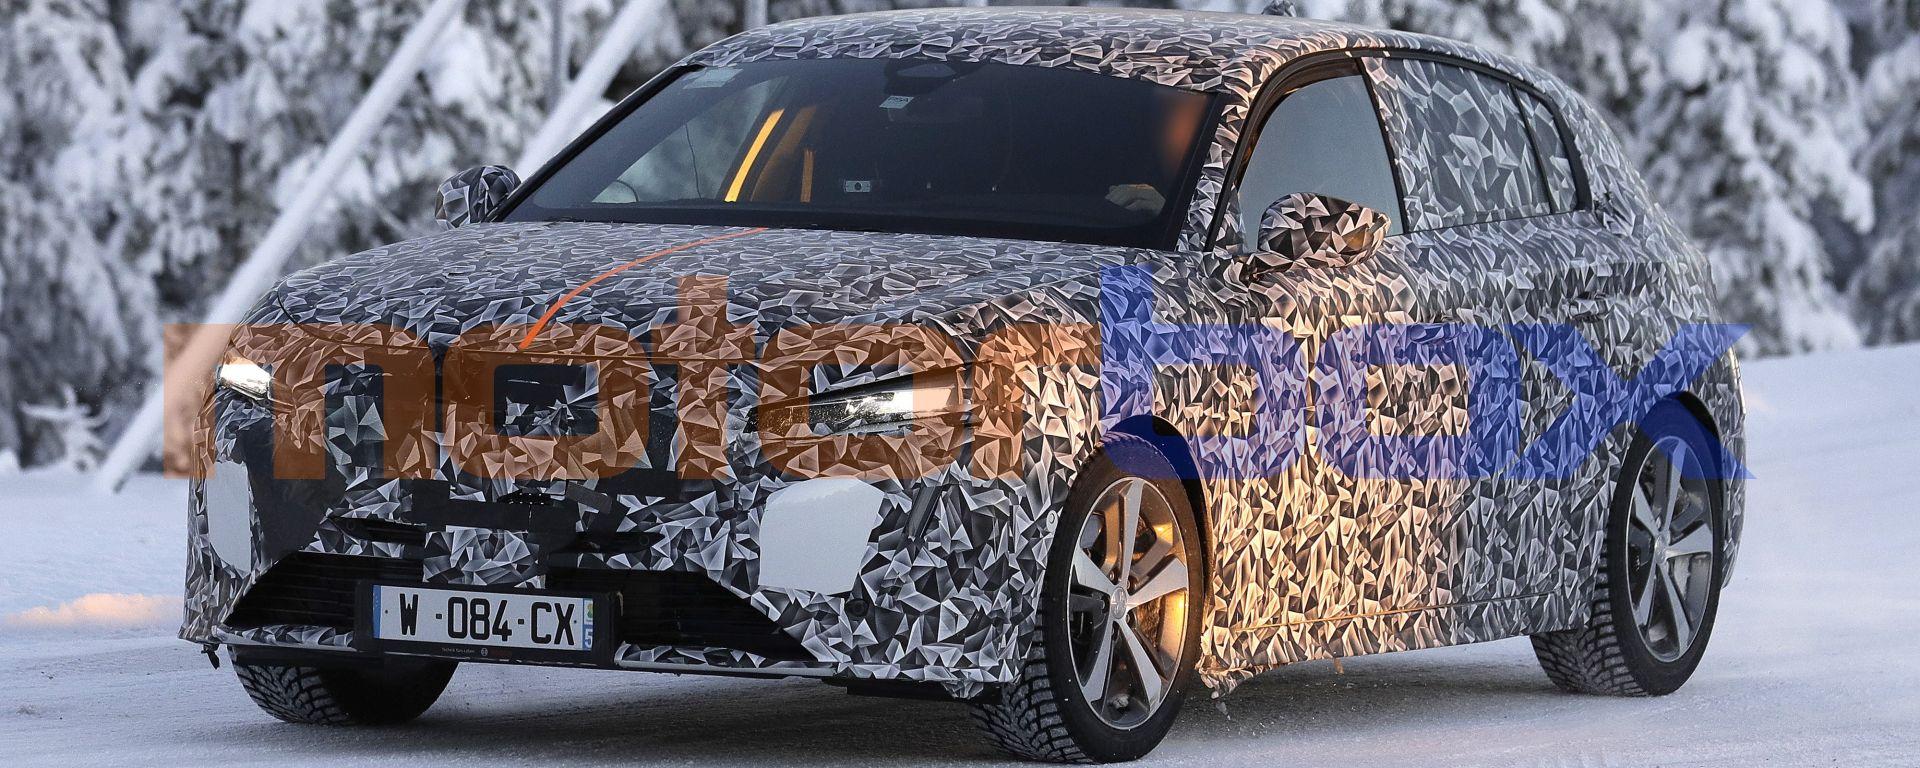 Nuova Peugeot 3008 2022, potrebbe debuttare con un nuovo logo